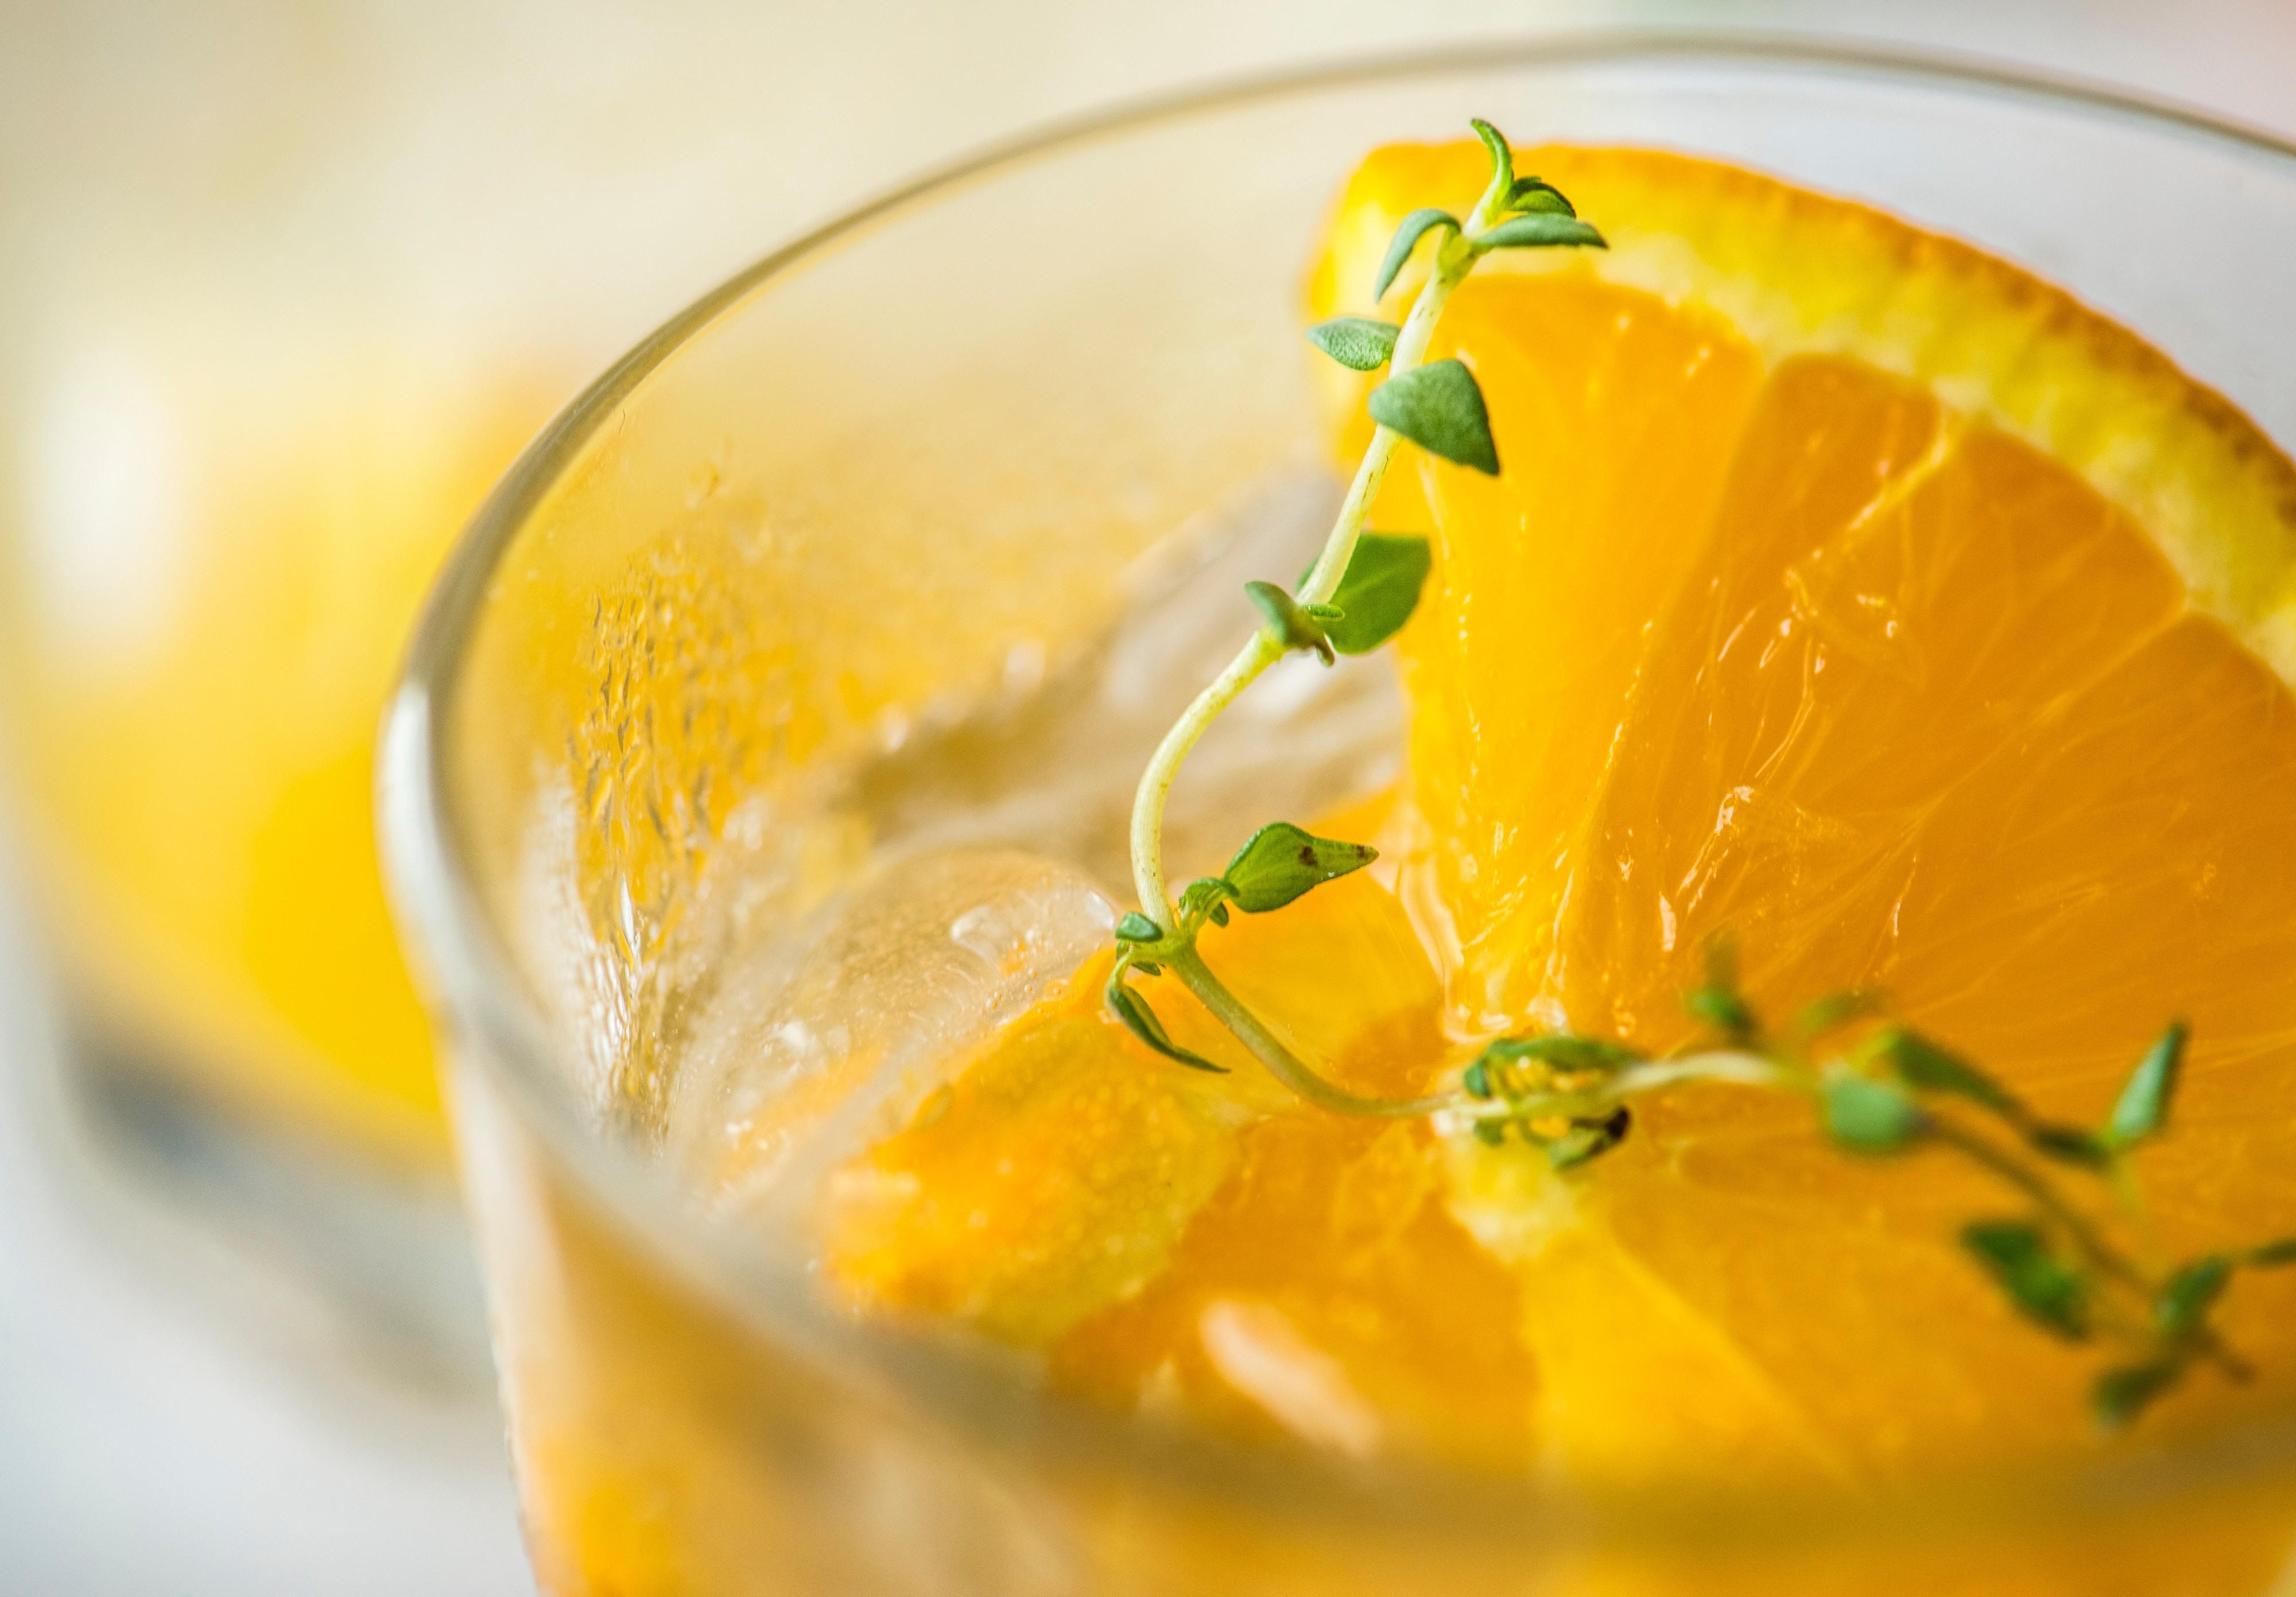 O suco anti-oxidante é refrescante e fácil de fazer (Foto: Unsplash)